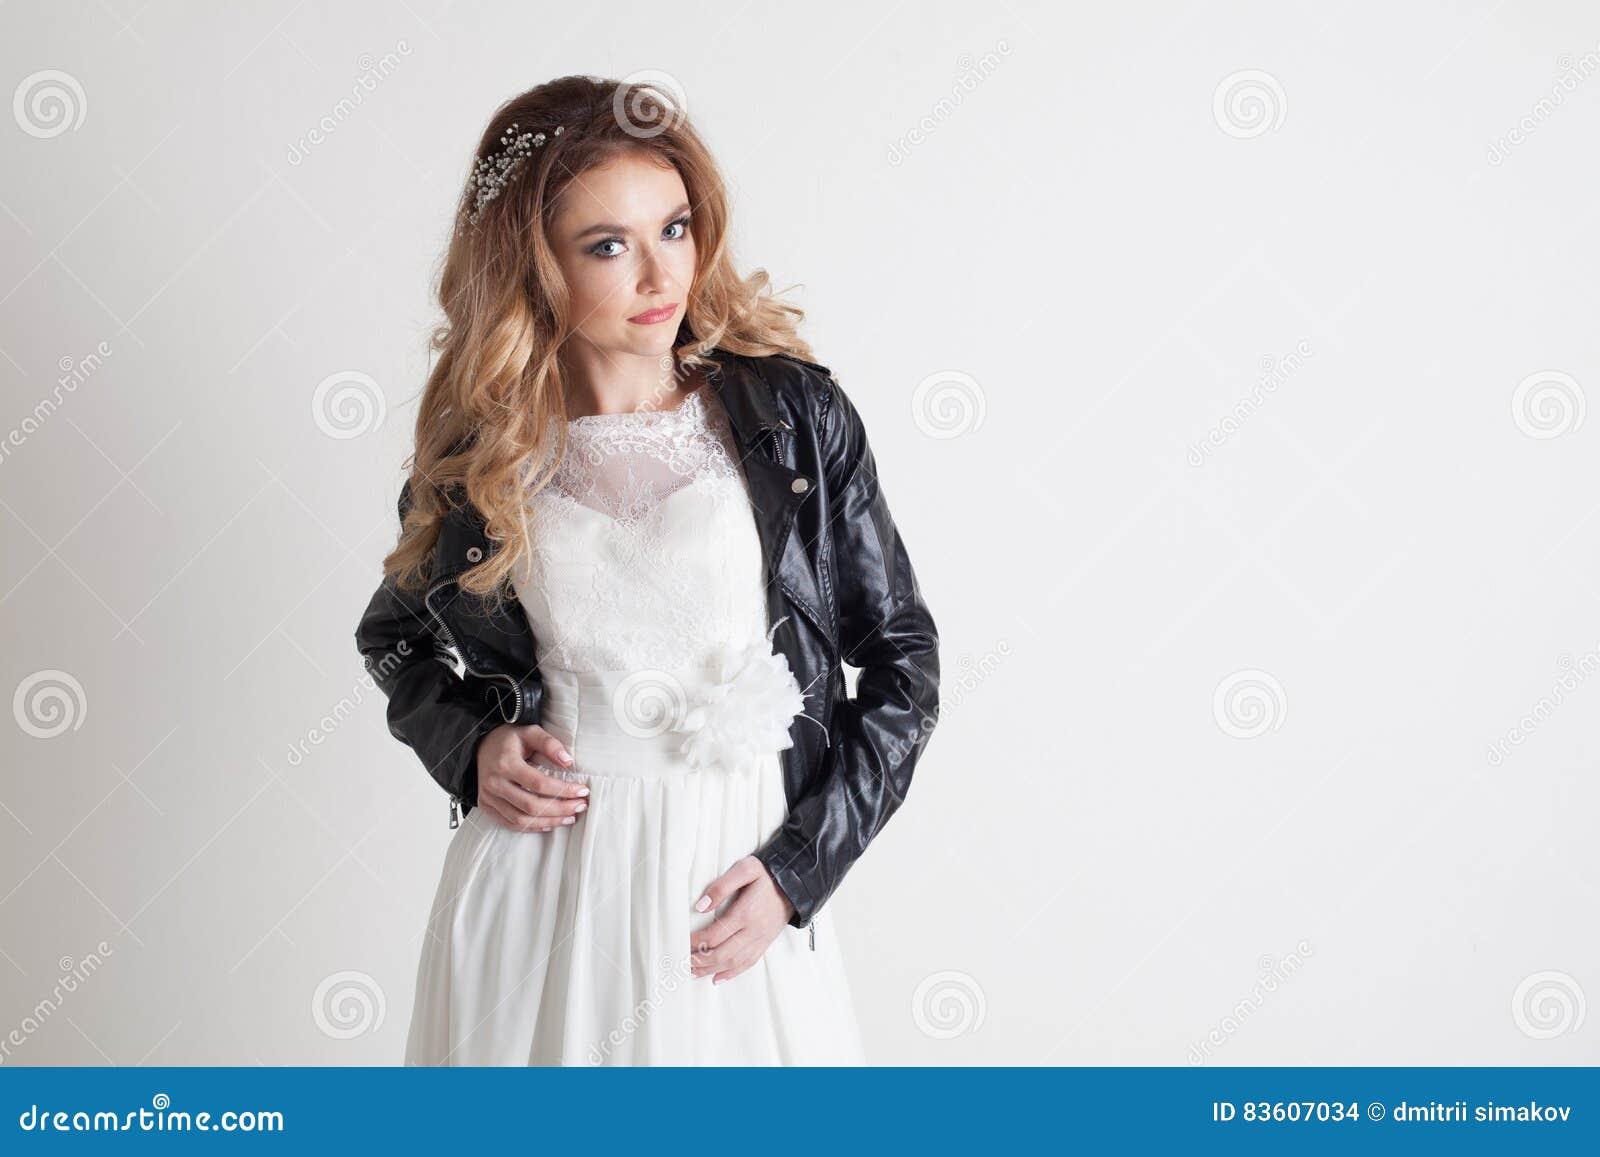 Braut Im Weißen Kleid Und In Der Lederjacke Stockfoto   Bild von ...